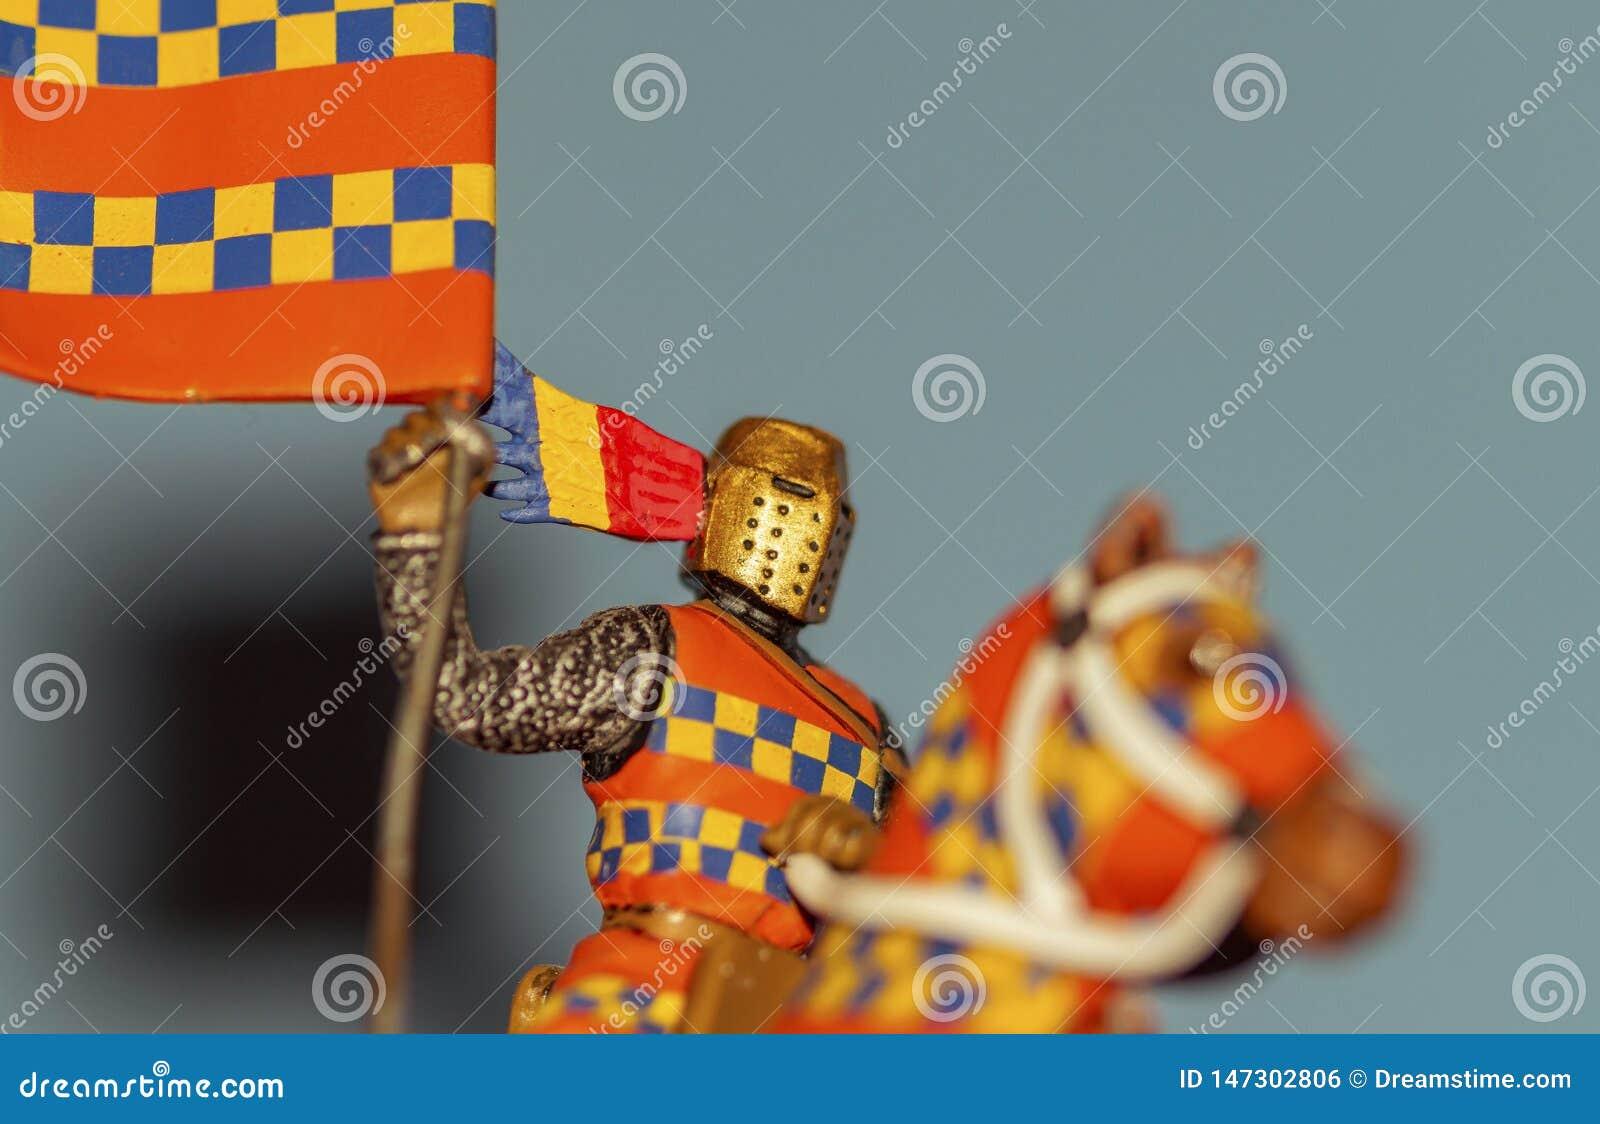 Μεσαιωνικός ιππότης του μολύβδου, τυποποιημένος-φορέας και έξυπνα χρώματα